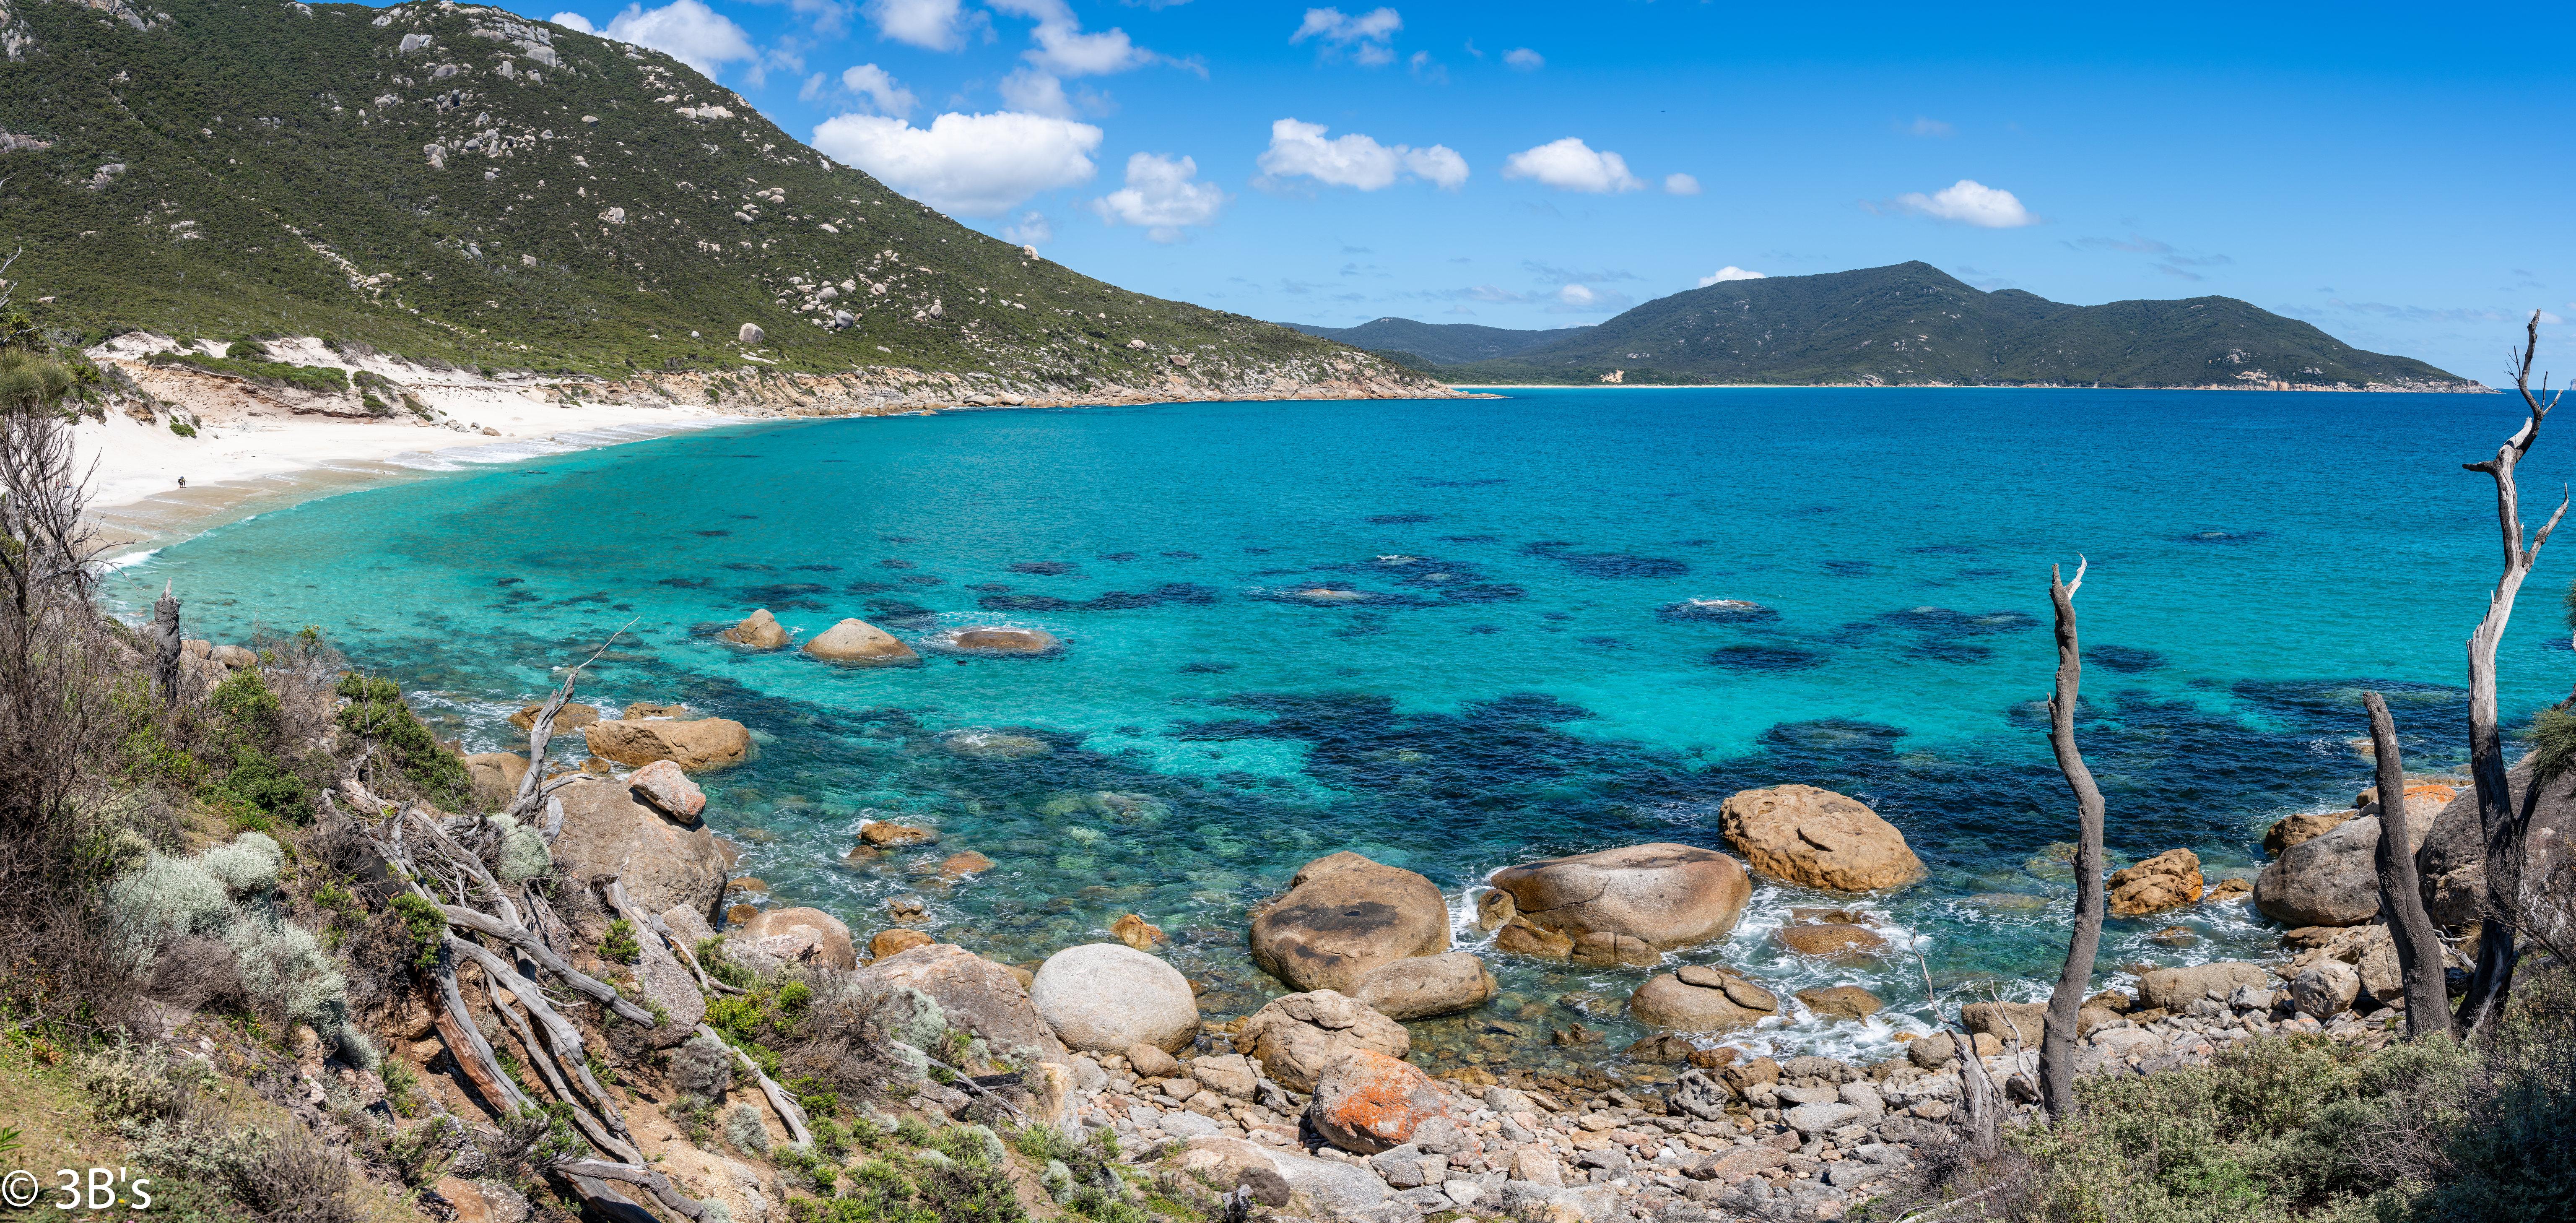 153688 скачать обои Природа, Море, Вода, Берег, Камни, Горы, Пейзаж - заставки и картинки бесплатно